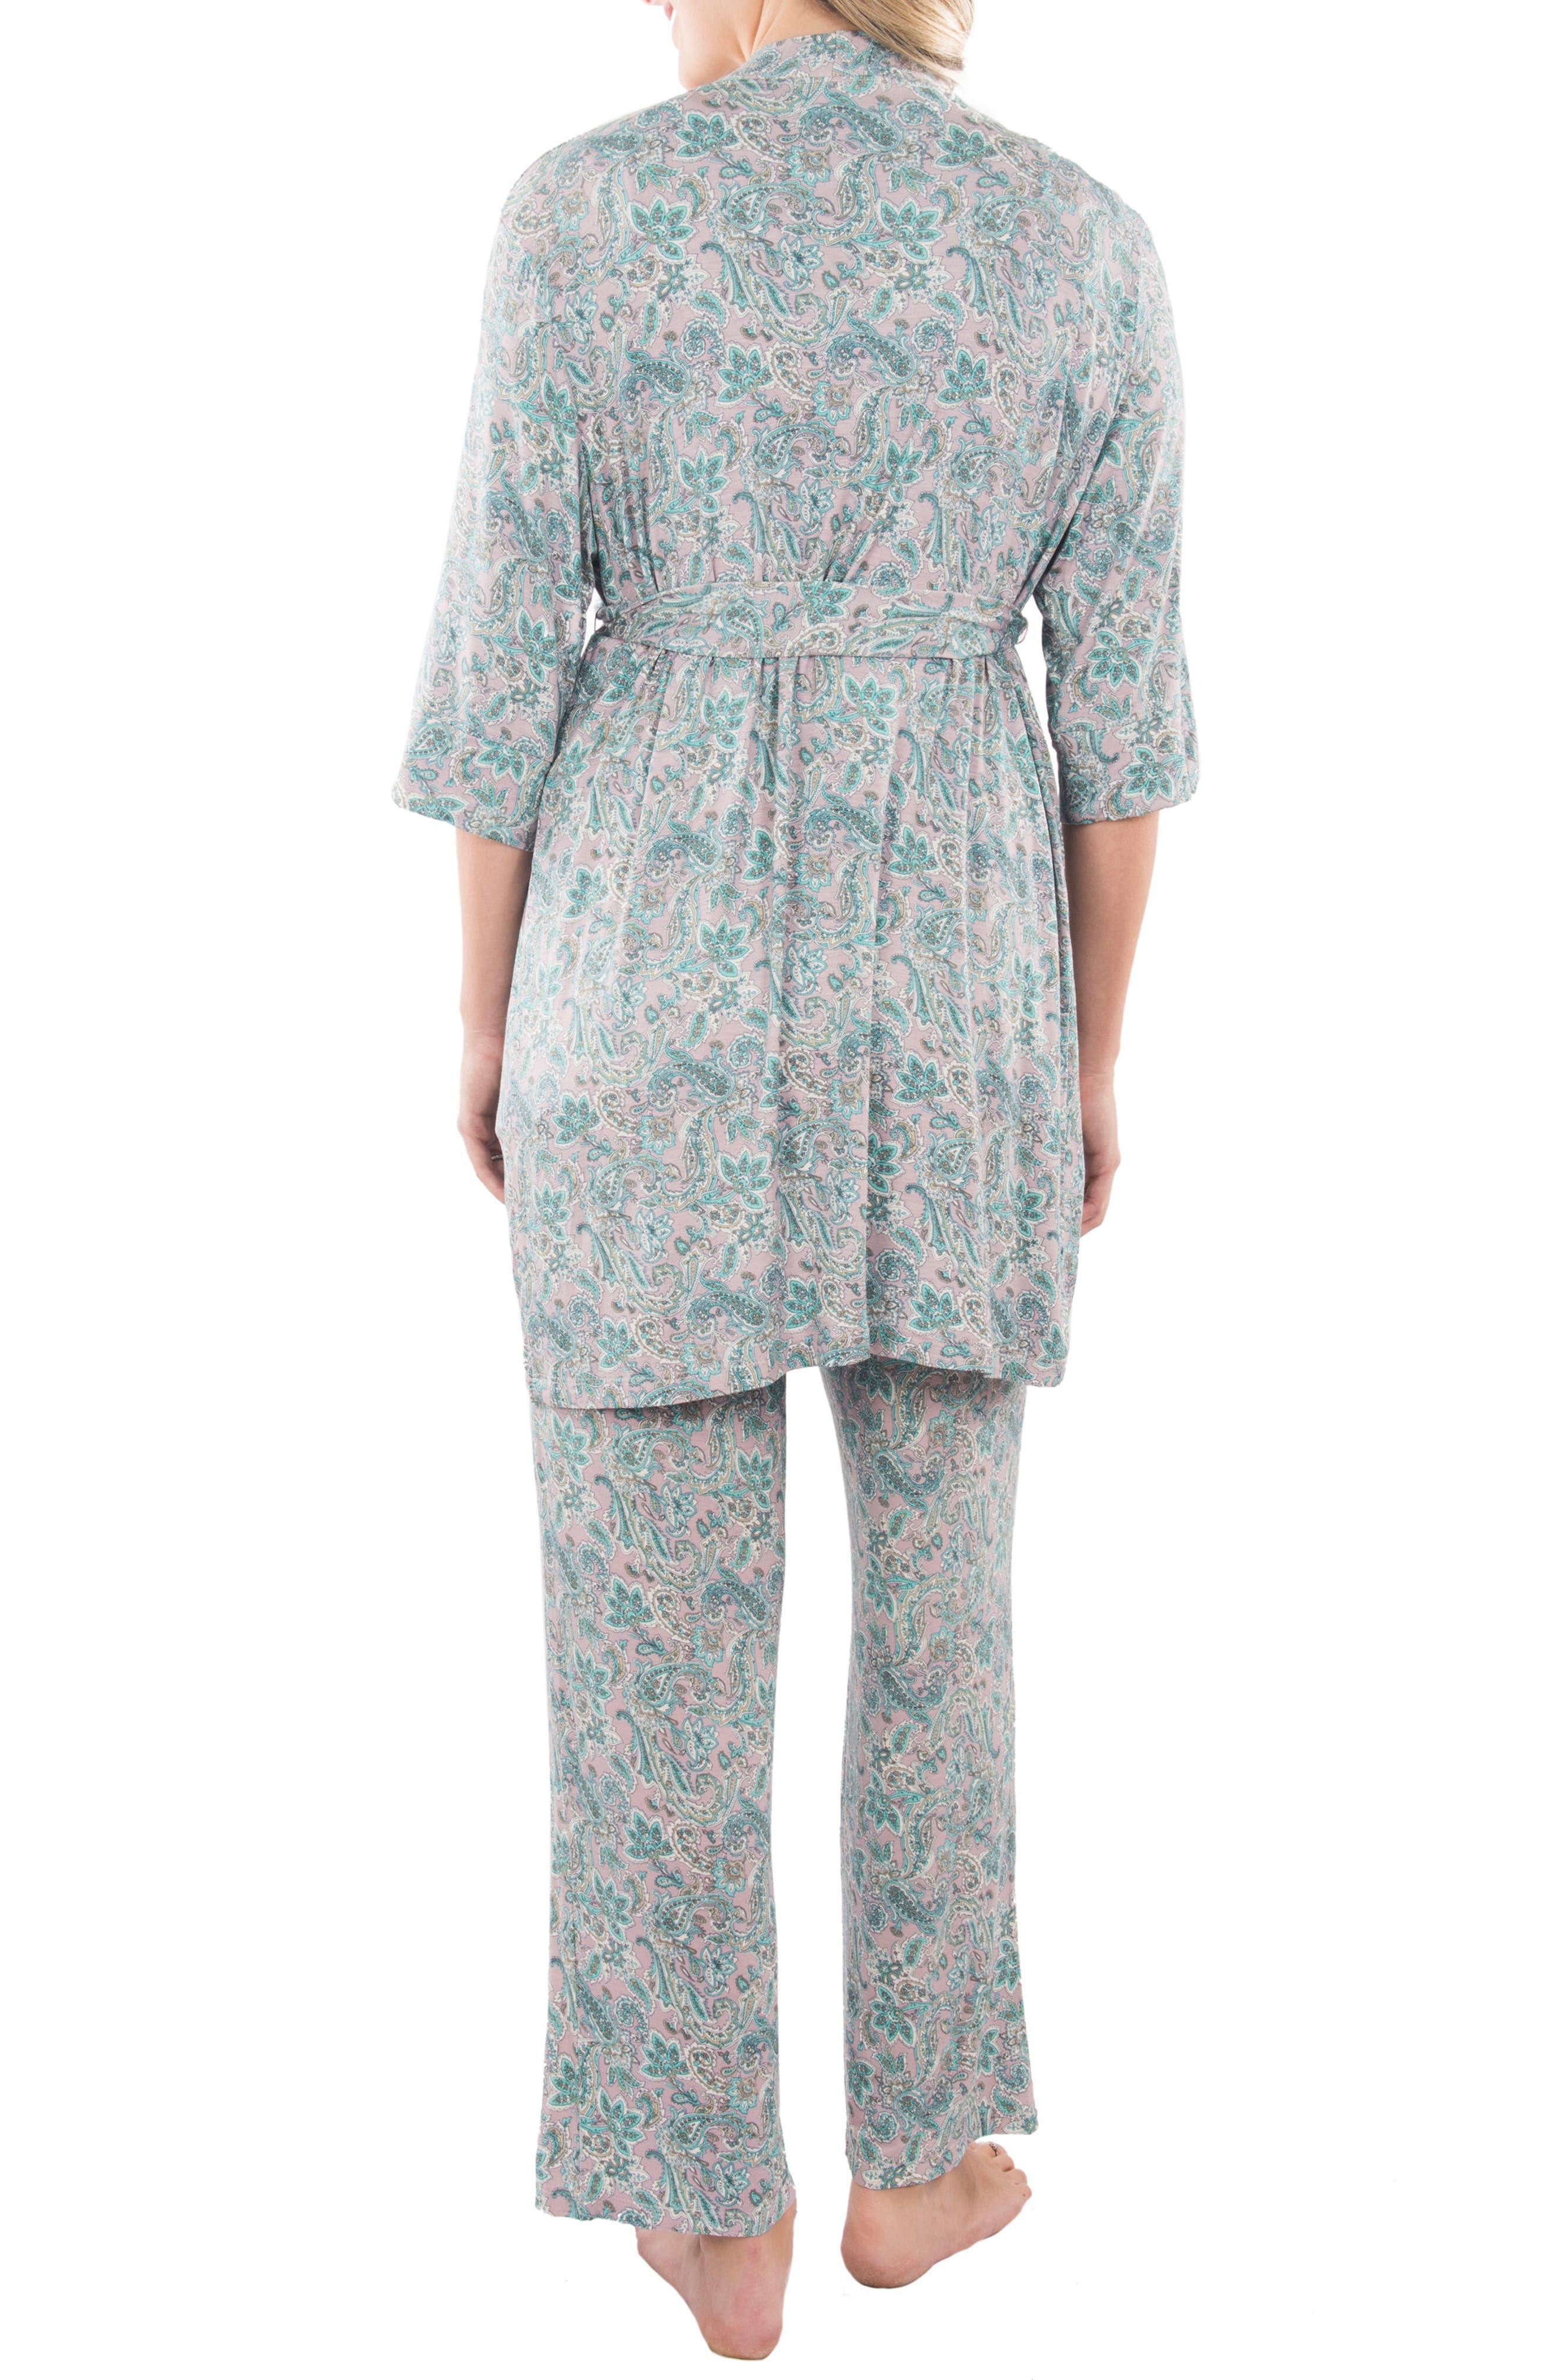 Alternate Image 2  - Everly Grey Susan 5-Piece Maternity/Nursing Pajama Set